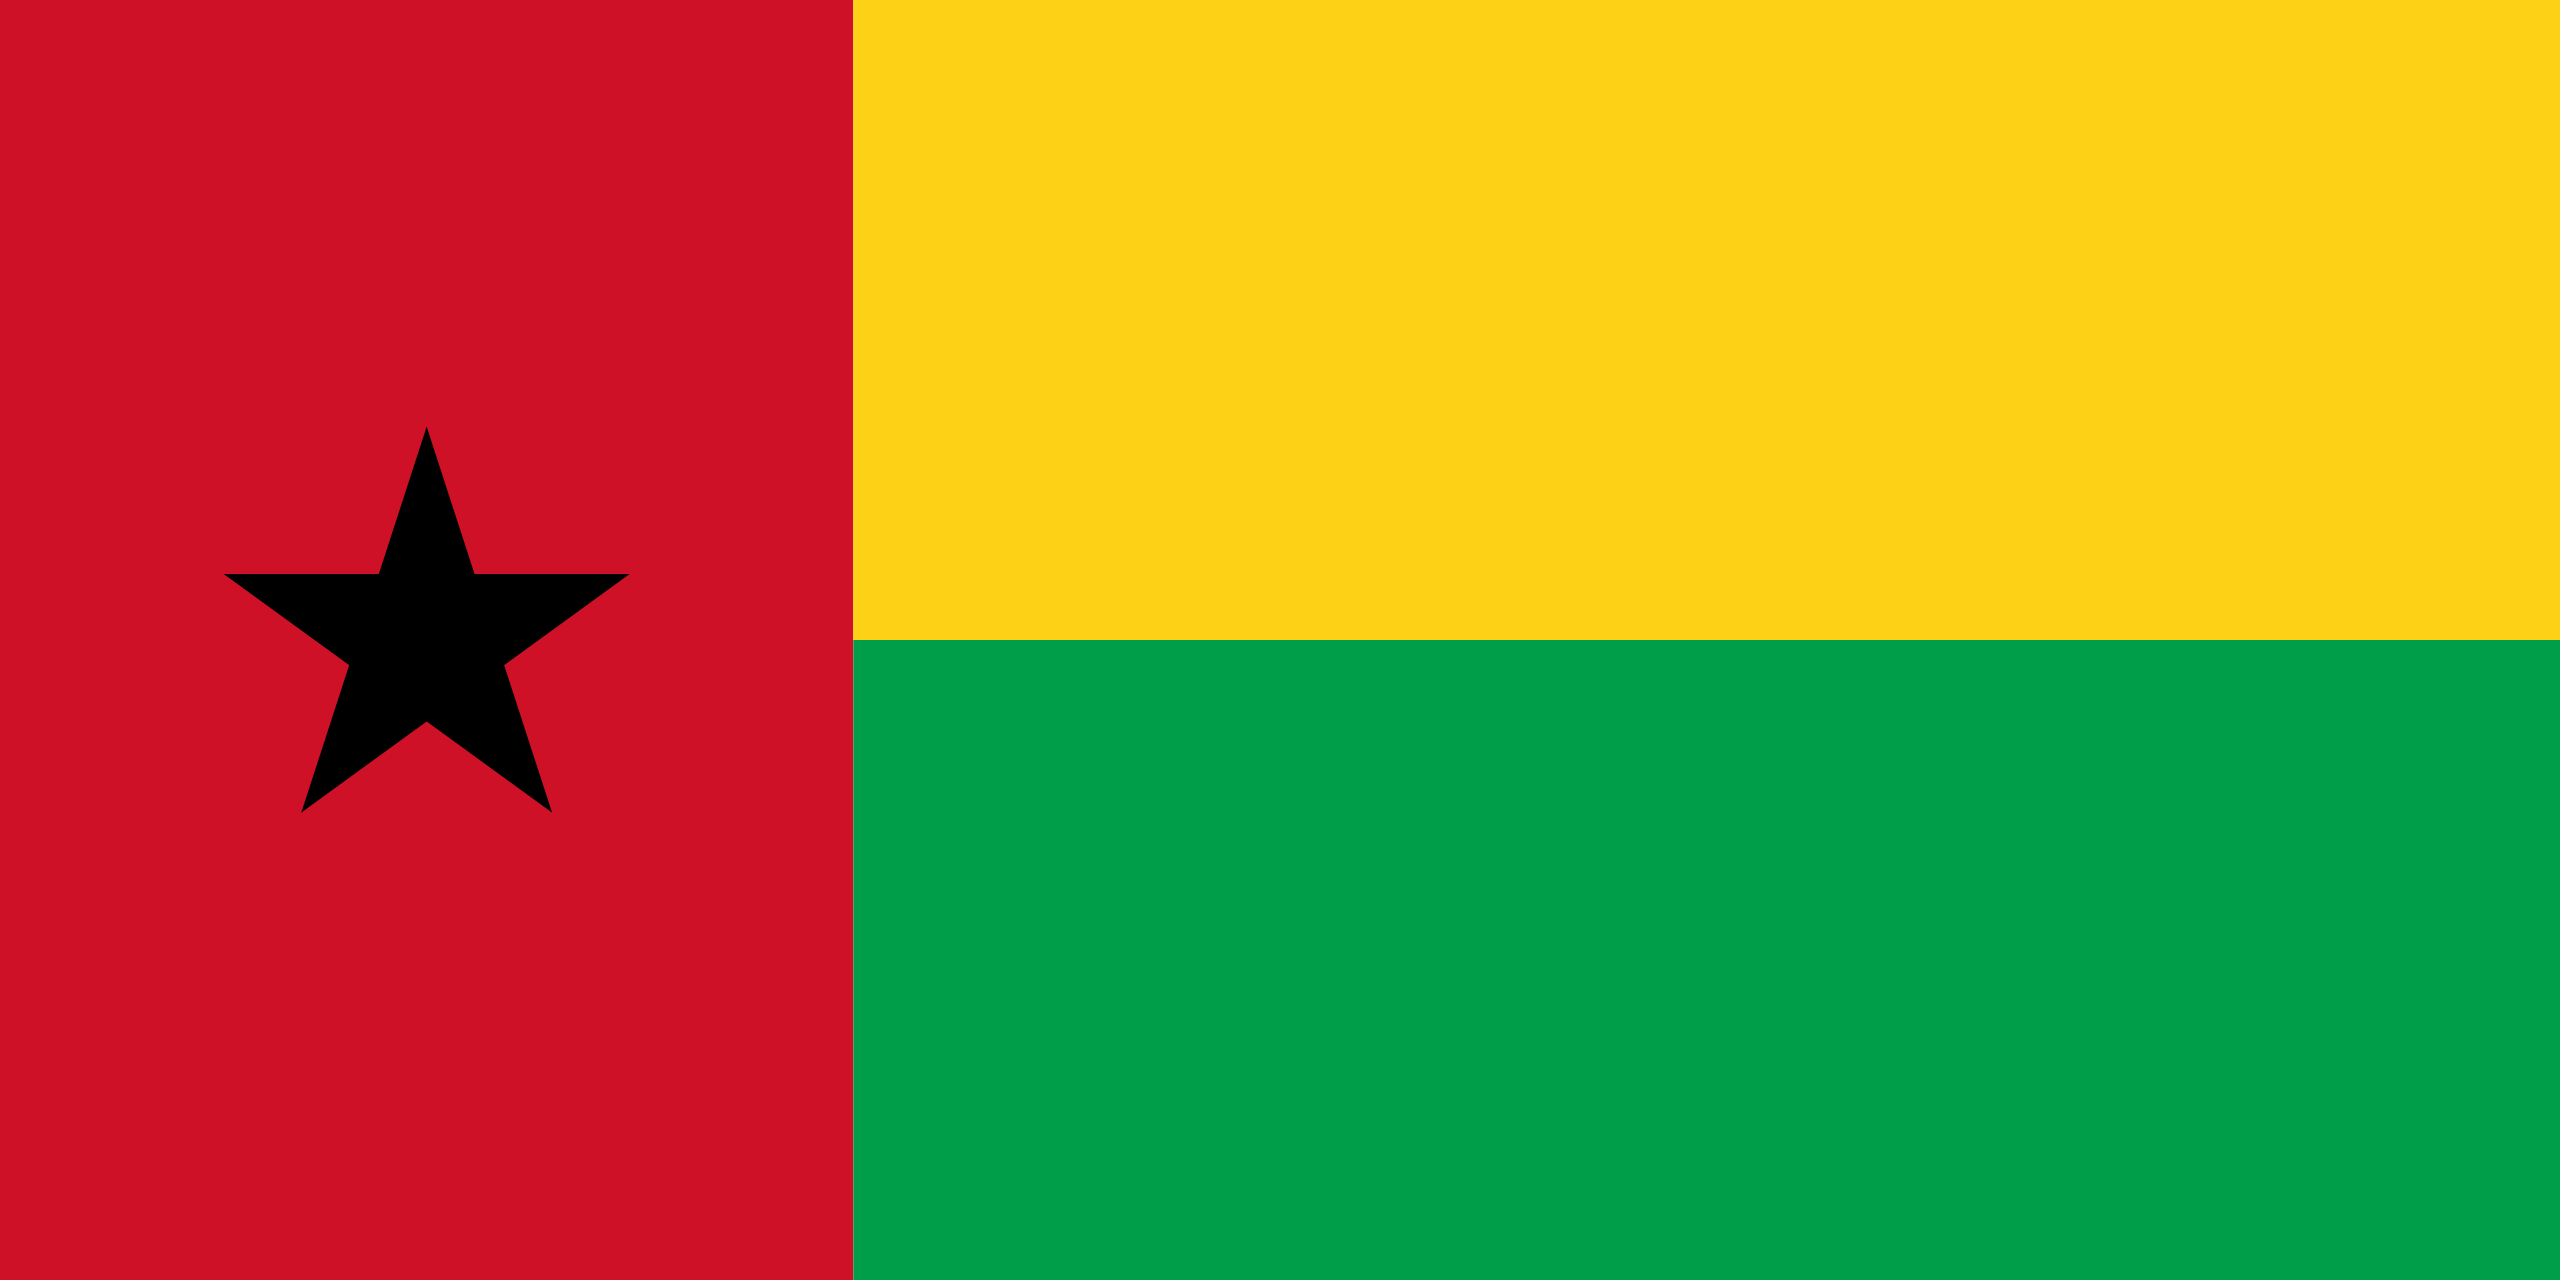 Guiné-Bissau, país, Brasão de armas, logotipo, símbolo - Papéis de parede HD - Professor-falken.com